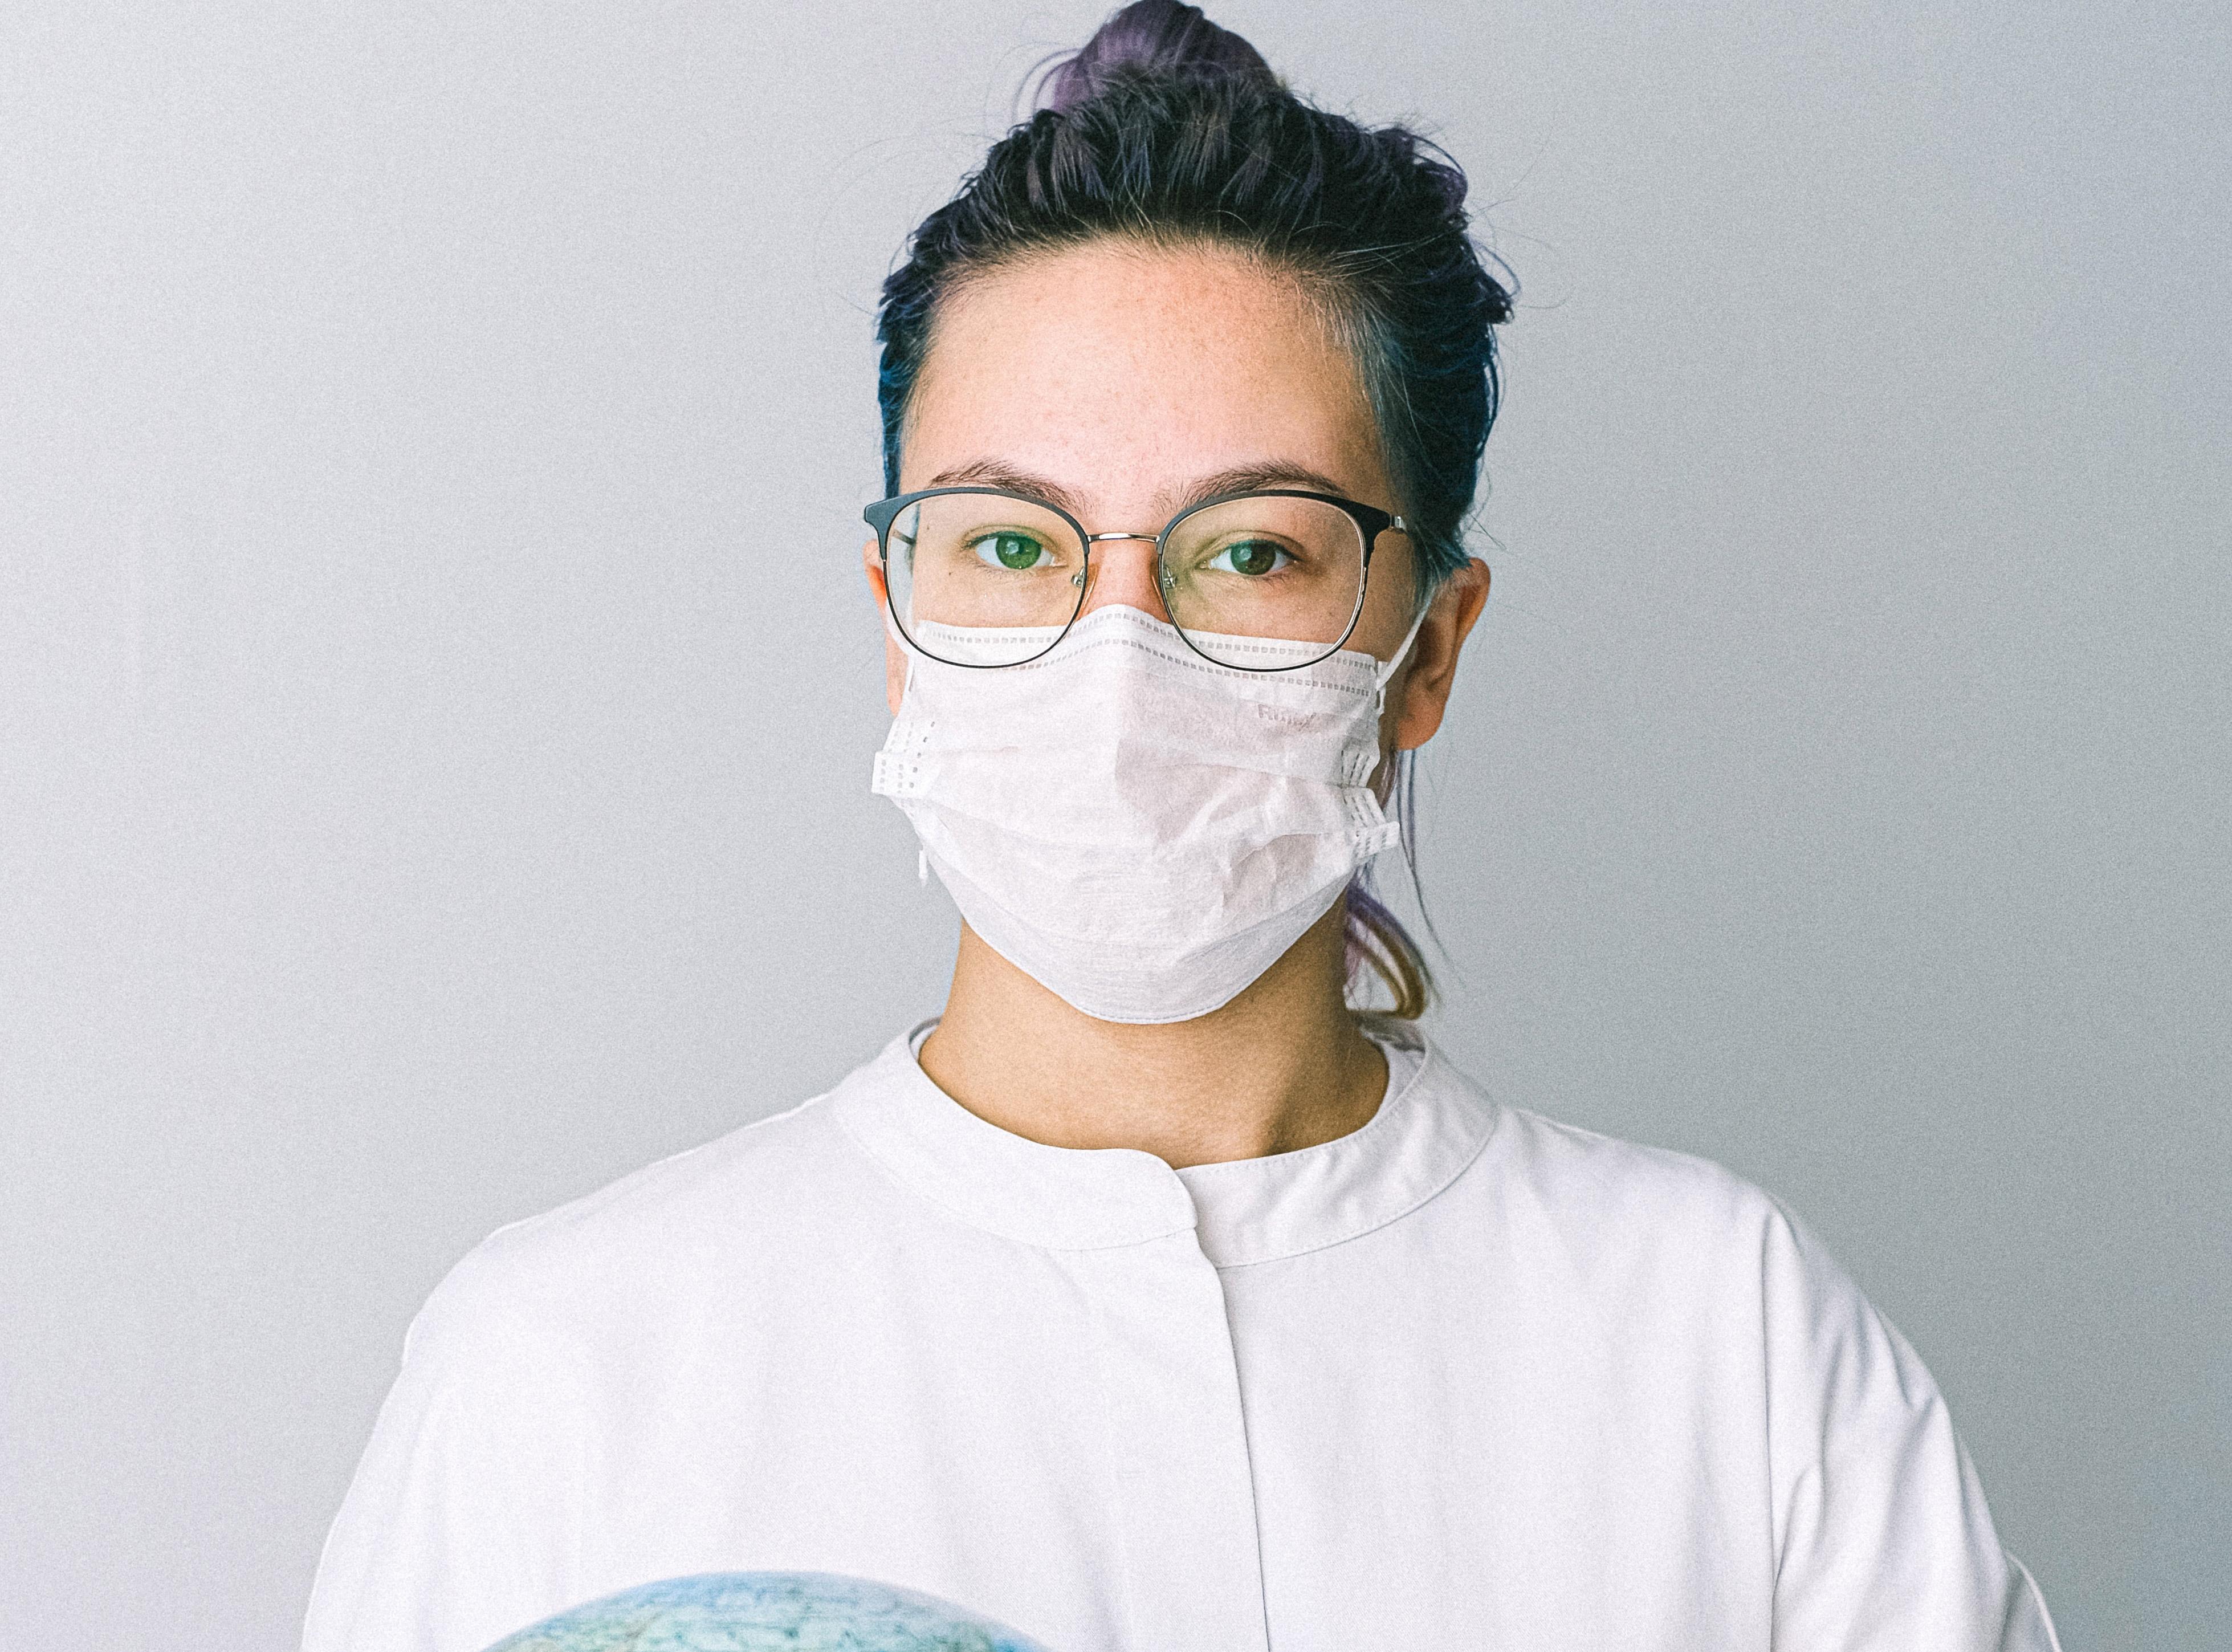 Desinfektionsmitteln in Gesundheitsberufen wie Ärzte, Krankenhäuser, Pfleger zur gründliche Desinfektion mit Desinfektionstüchern für Beschäftigte in Heilberufen